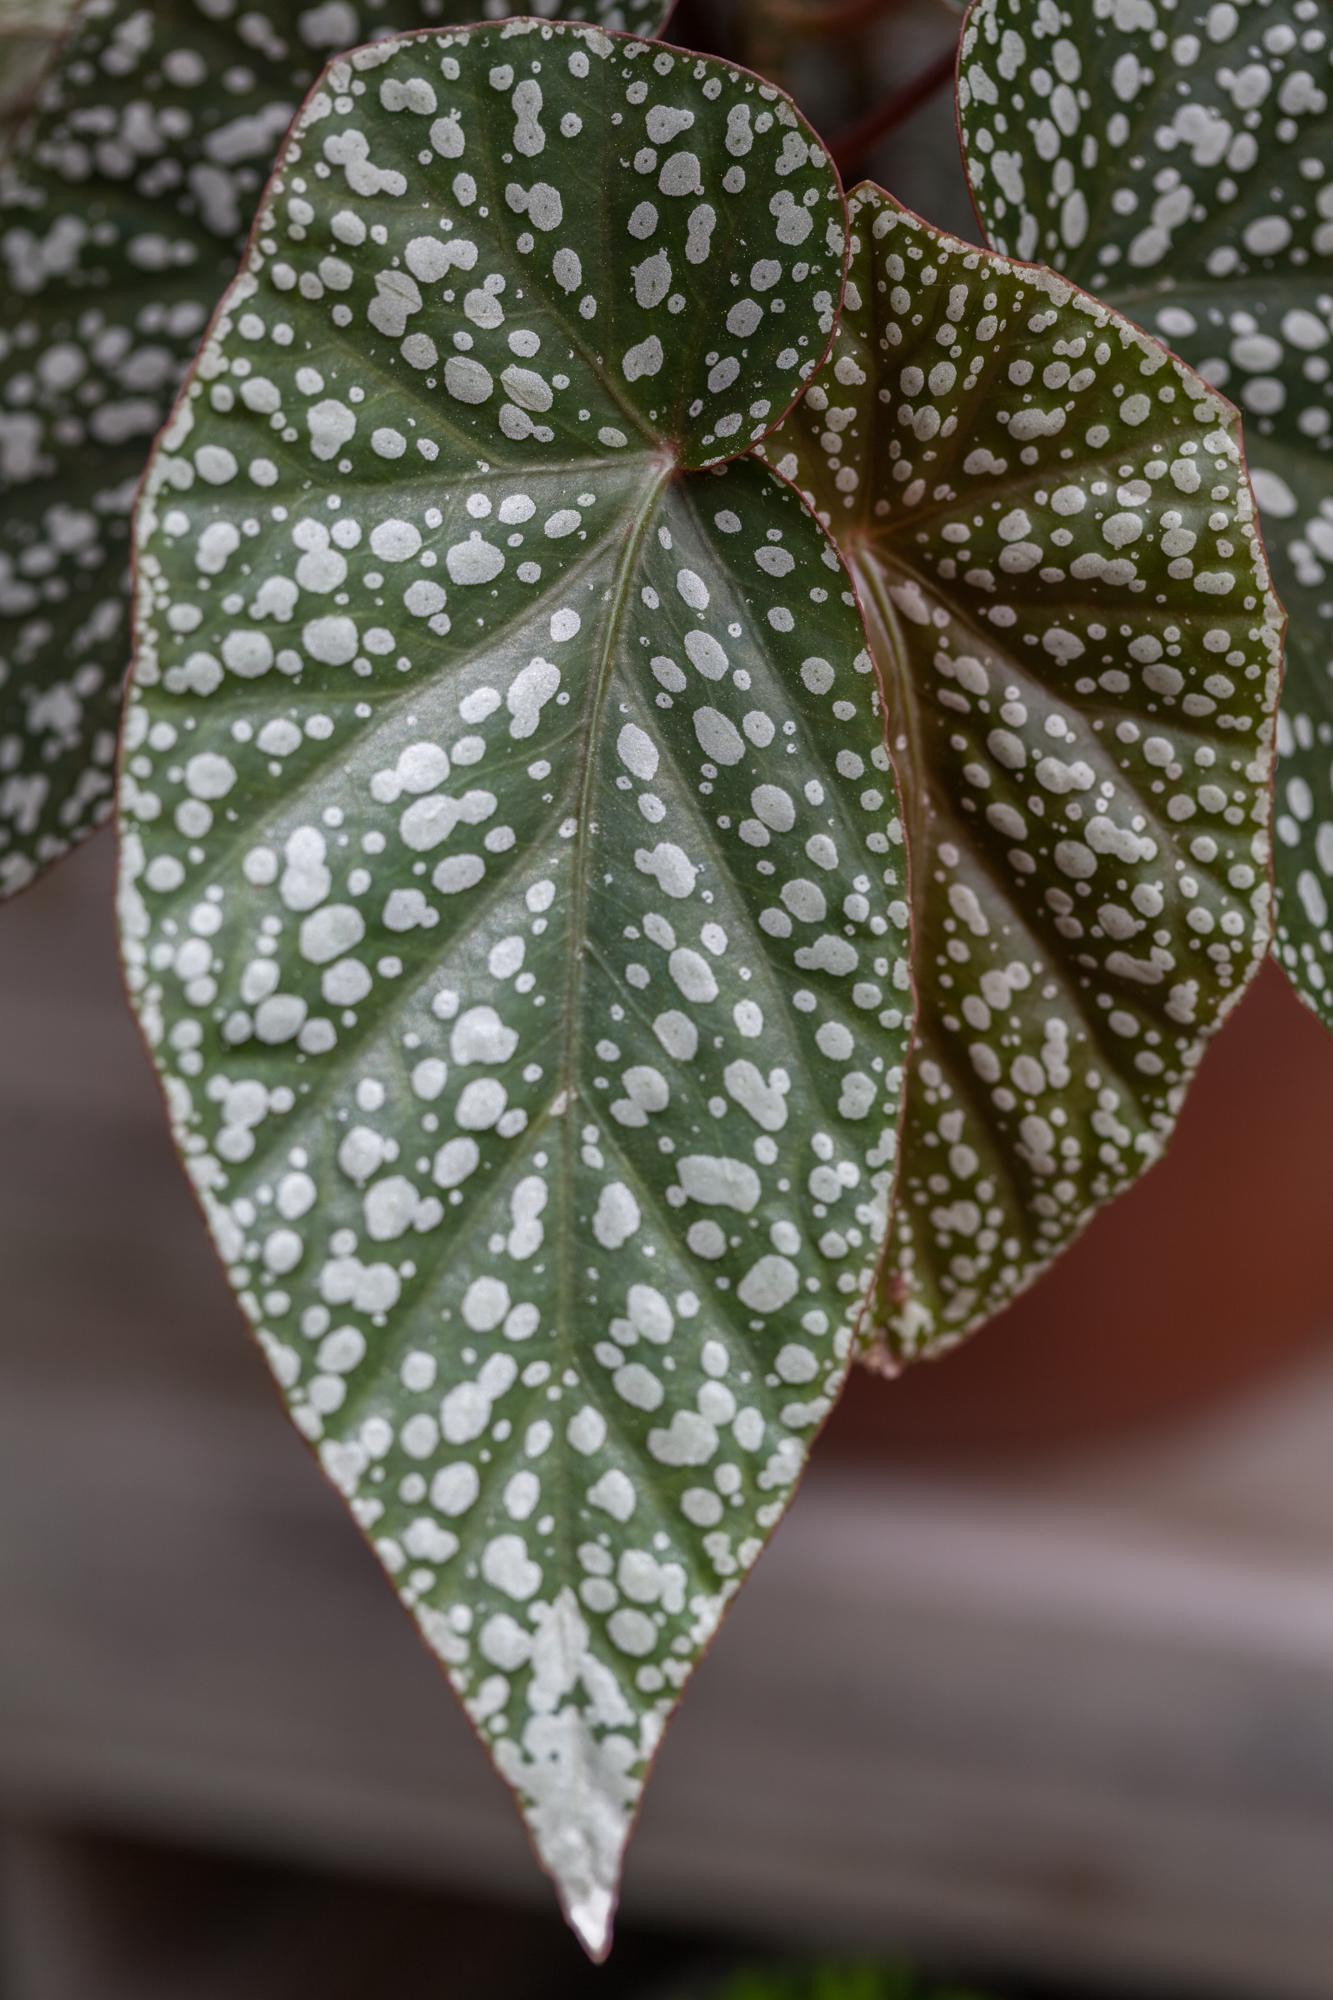 Planting-Fields-Arboretum-Greenhouse-Homestead-Brooklyn-angelwing-begonias.jpg